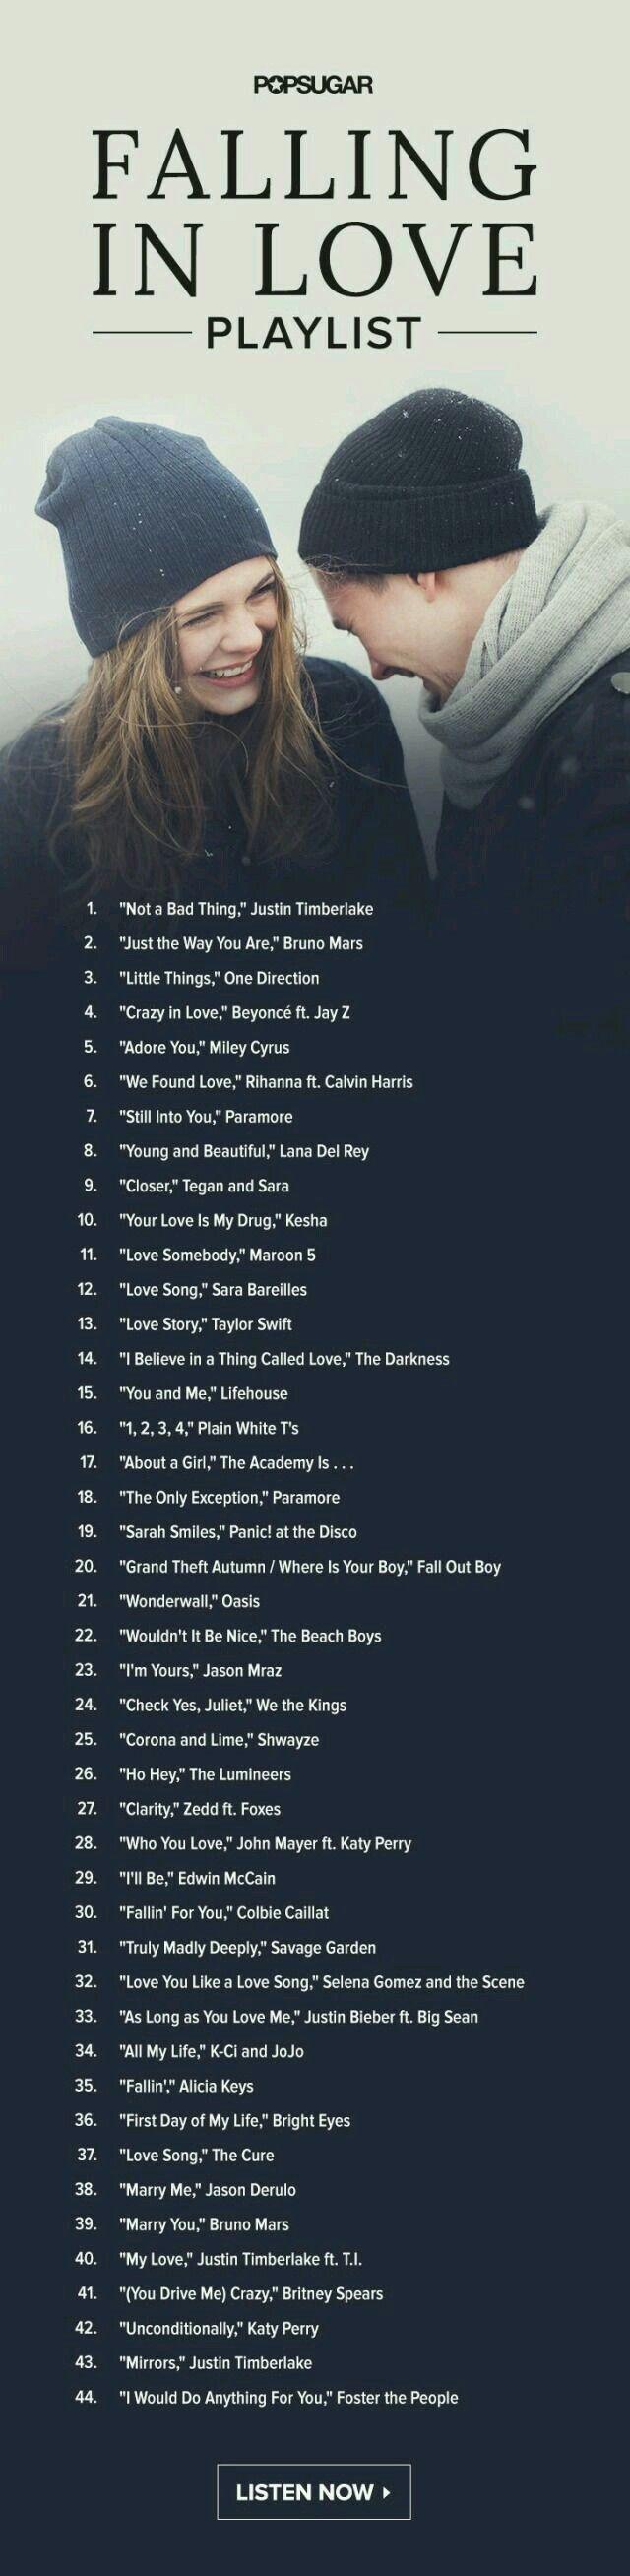 List of happy love songs